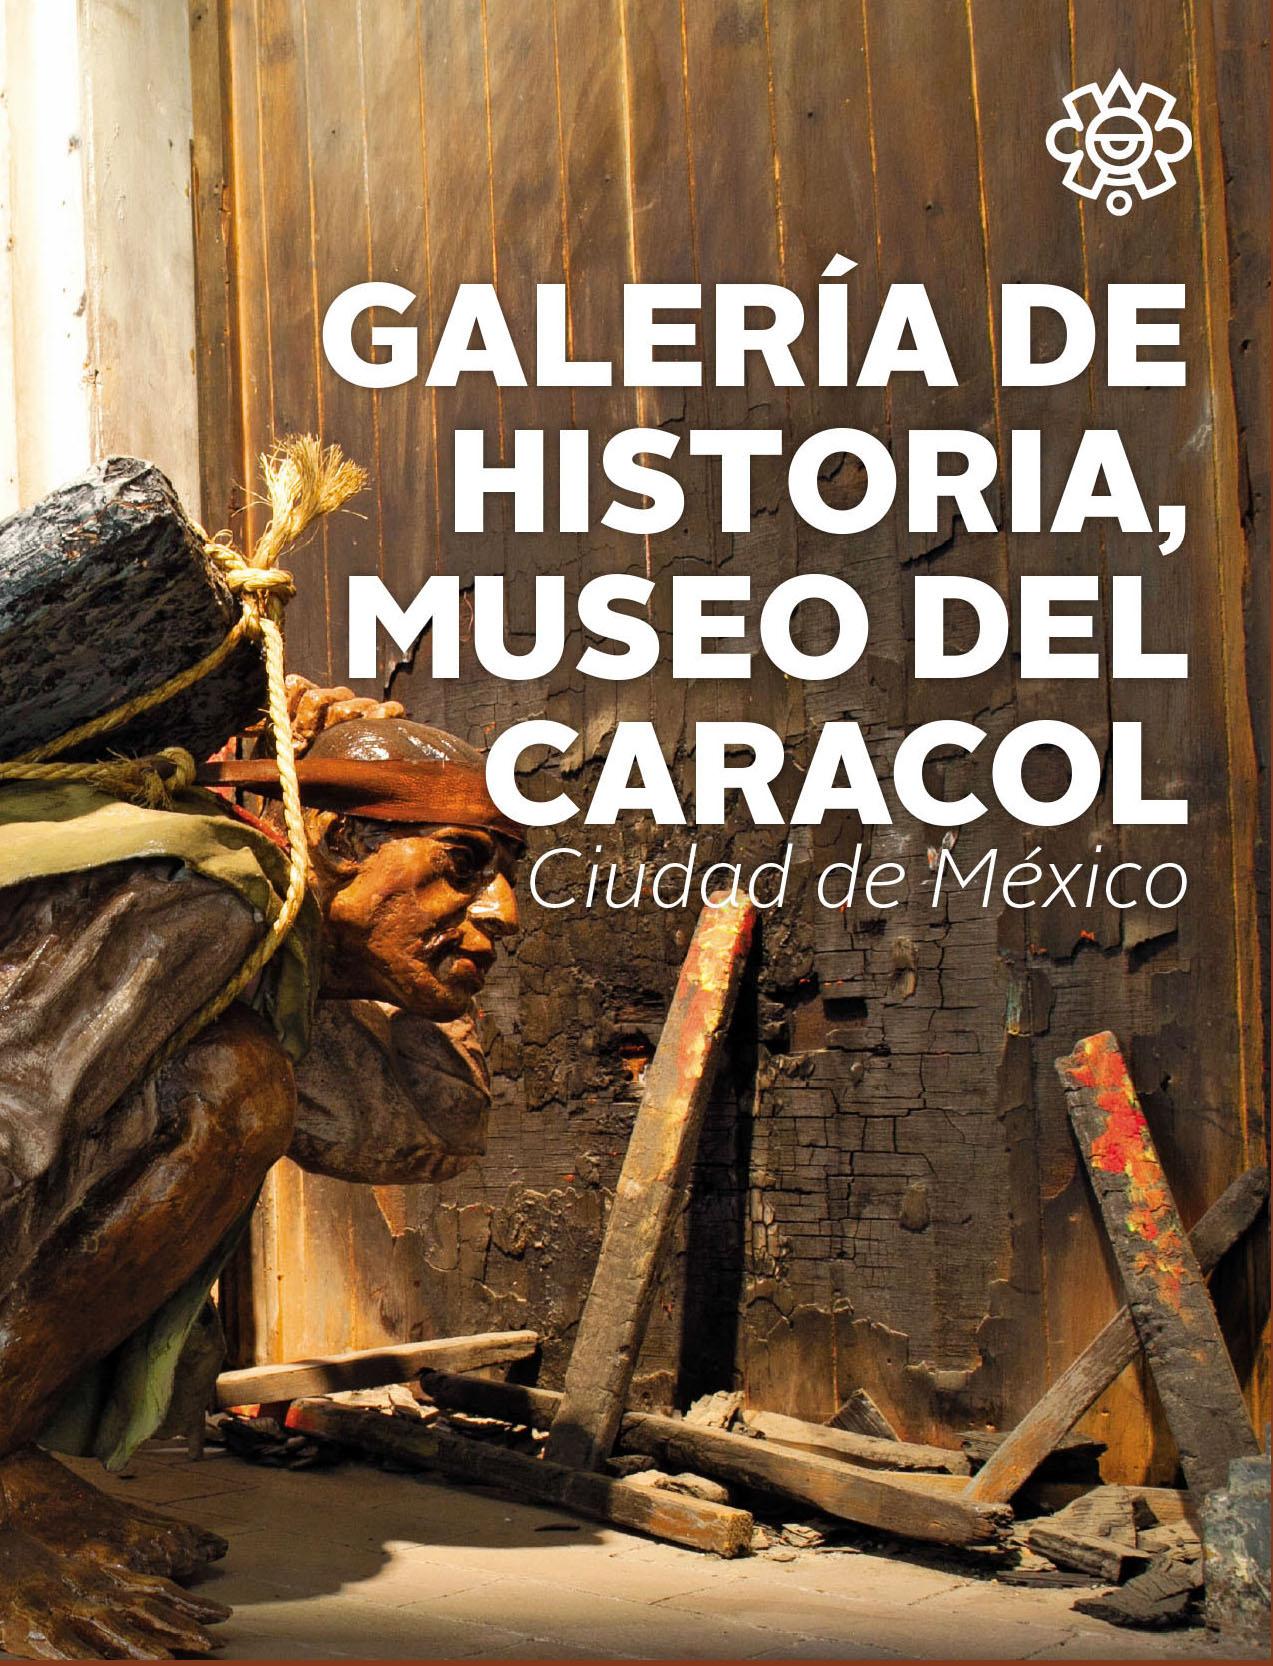 Galería de Historia, Museo del Caracol